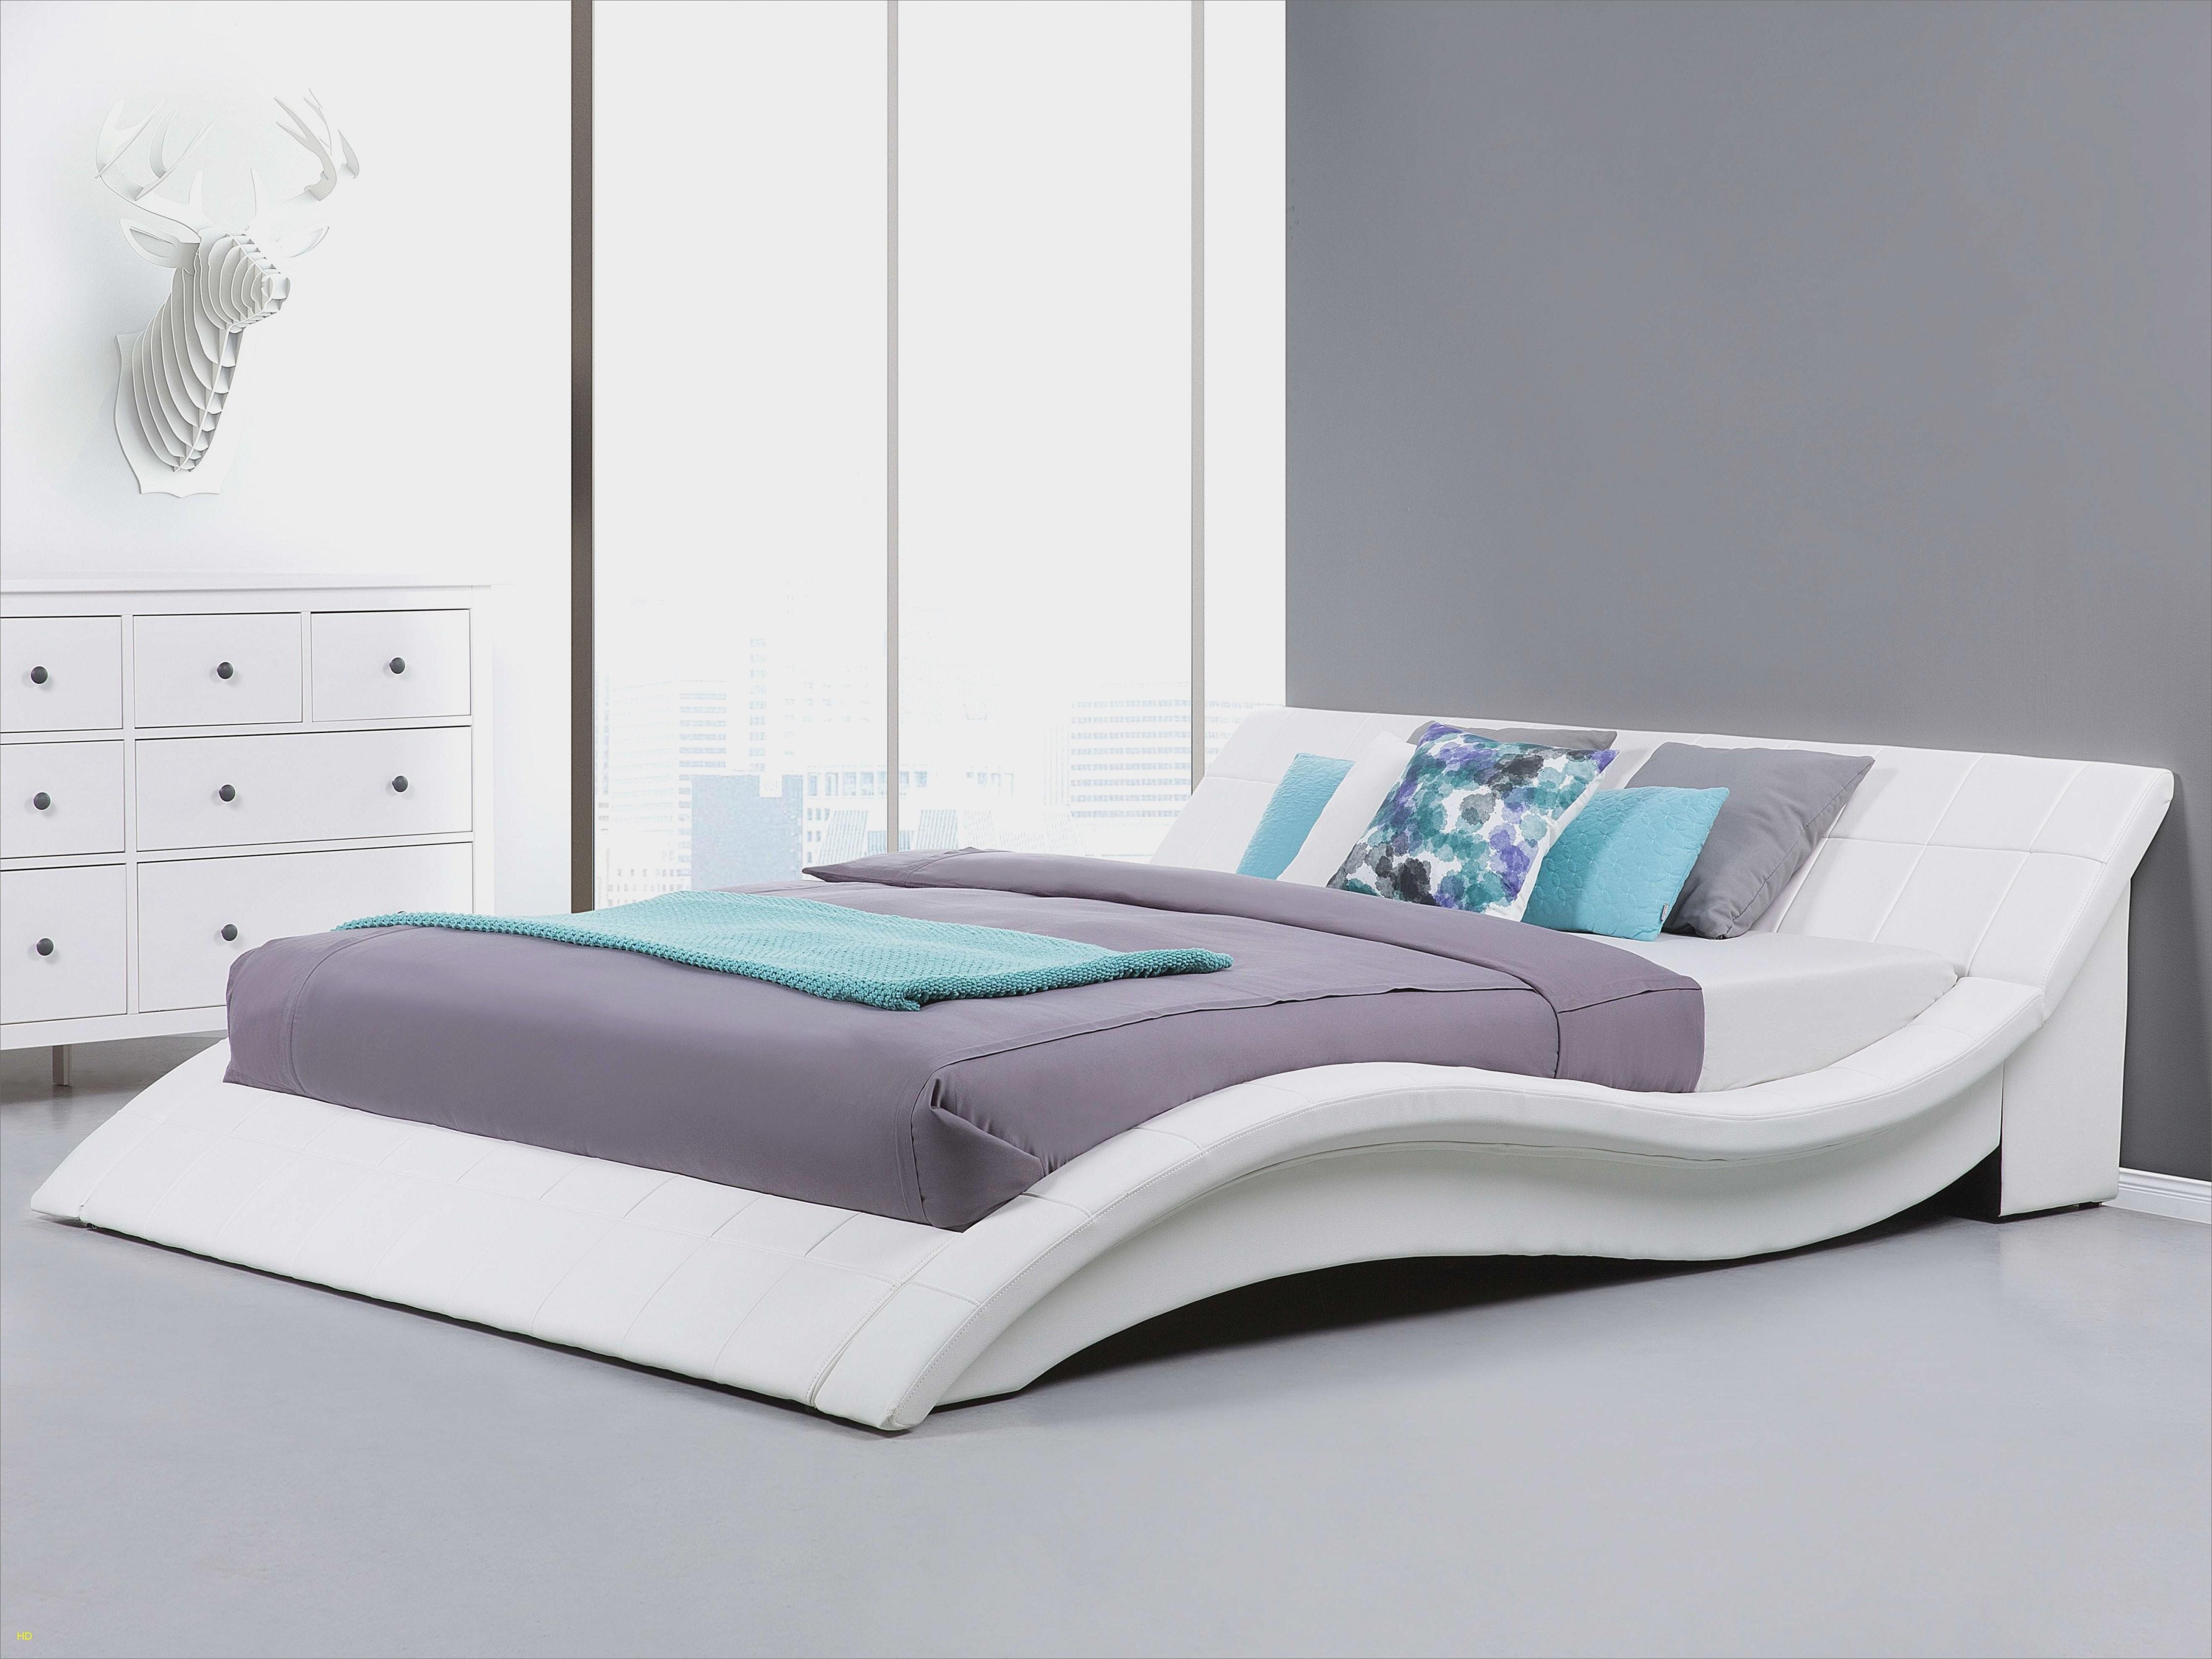 Bed Kopen Ikea Creatief 16 Elegant Bett 180X200 Mit Lattenrost Und von Ikea Malm Bett 180X200 Photo